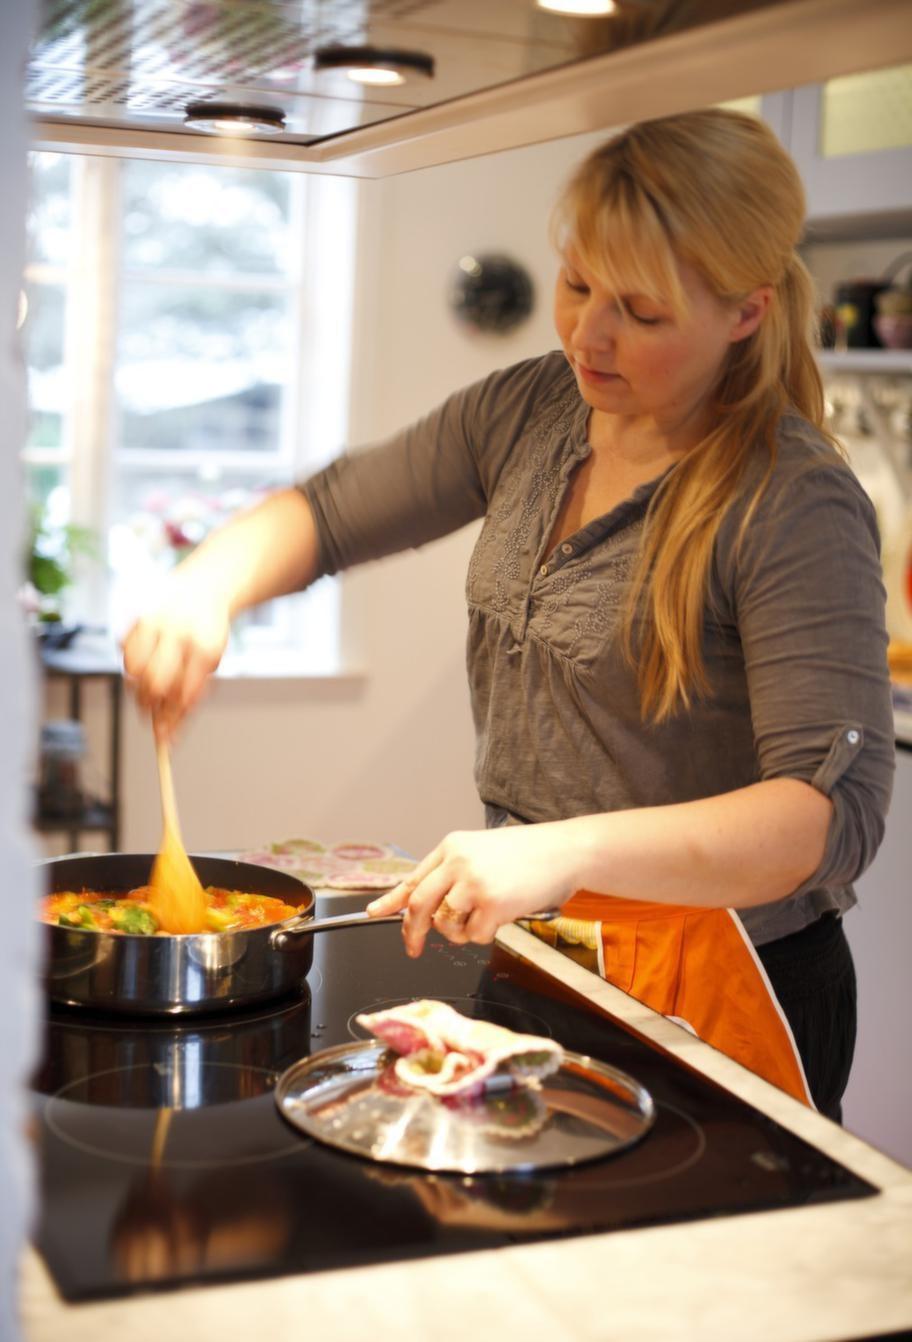 Ett av Marias stora intressen är matlagning och Italien. Här lagar hon en vegetarisk bondgryta.